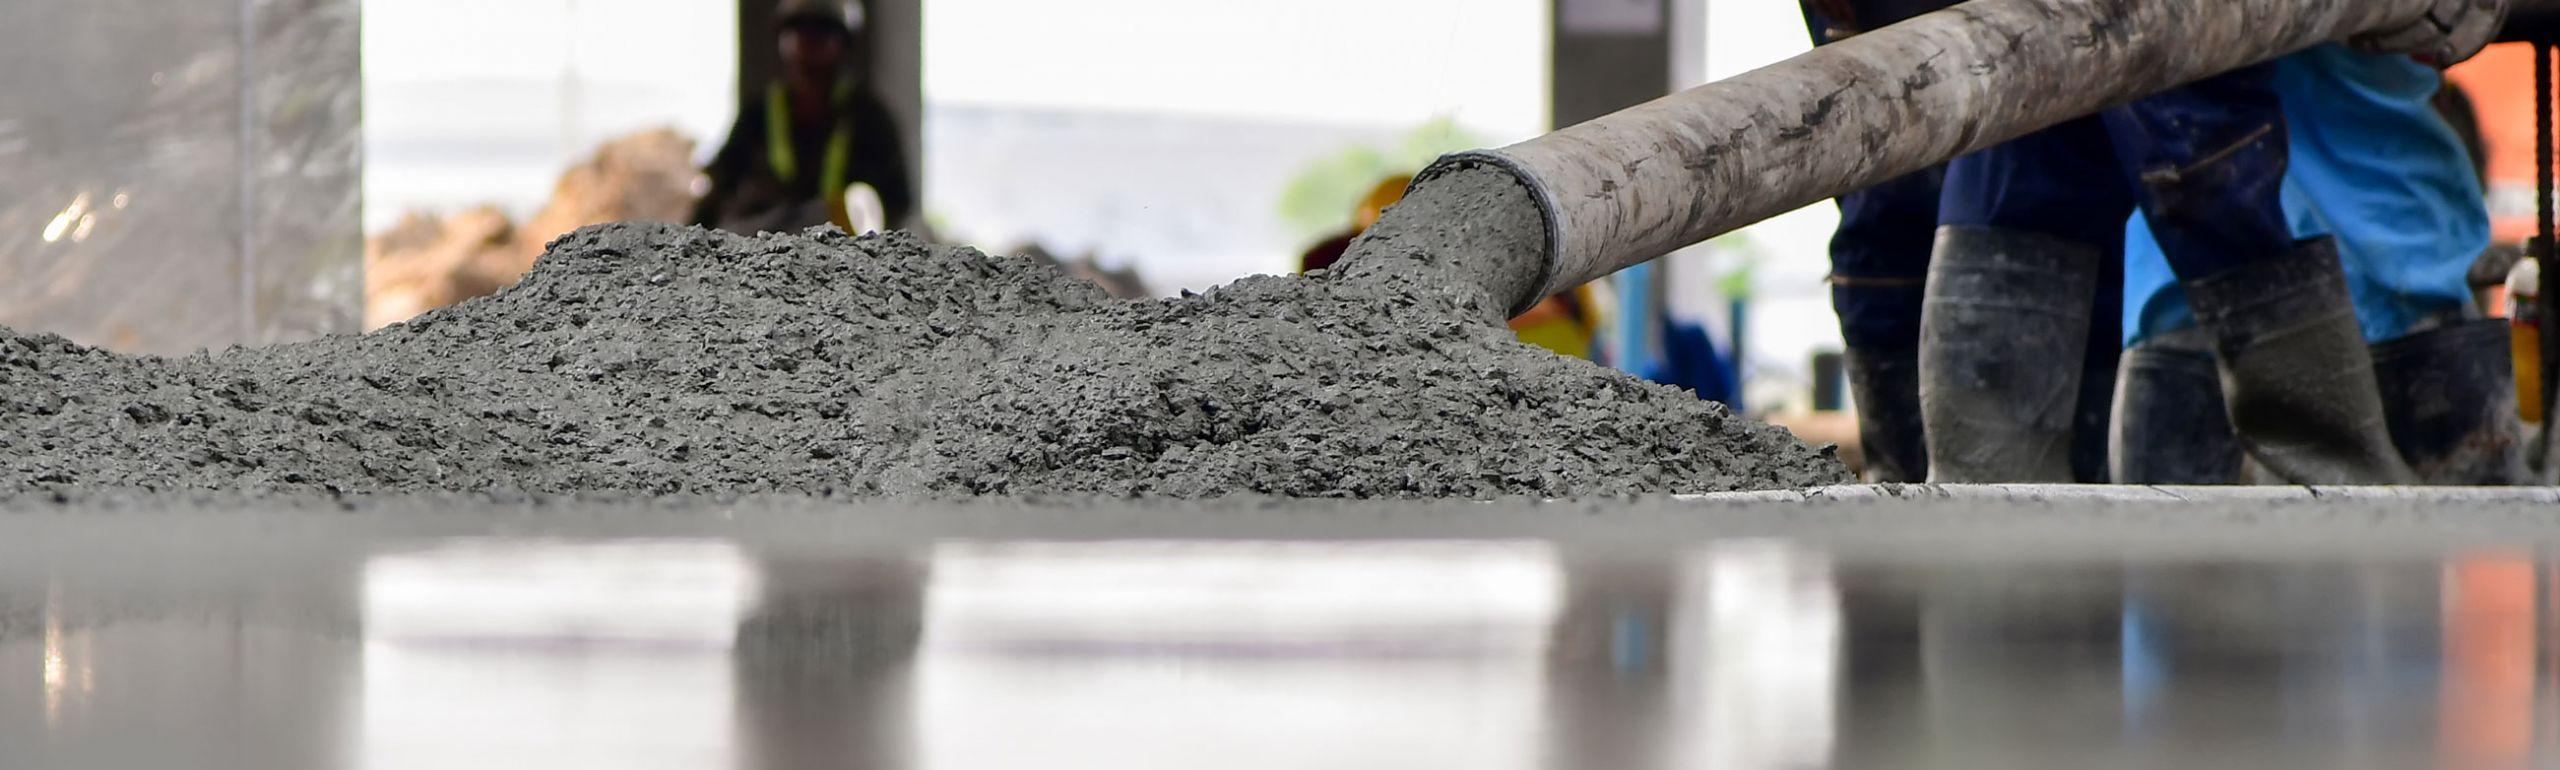 produção de concreto na cimento apodi